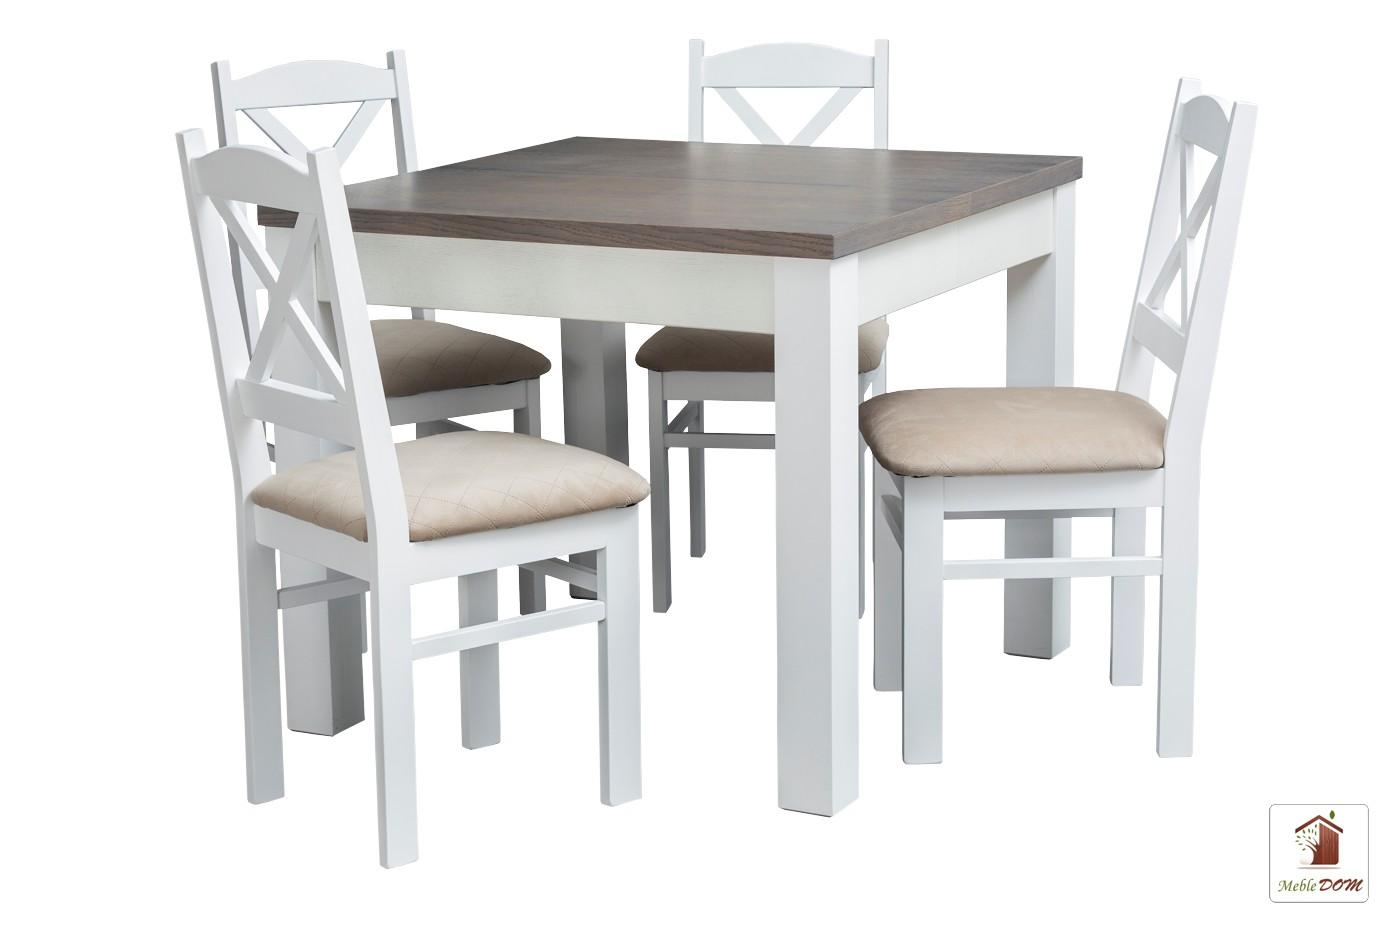 Kwadratowy stół rozkładany Strong Square z krzesłami Nord Mini